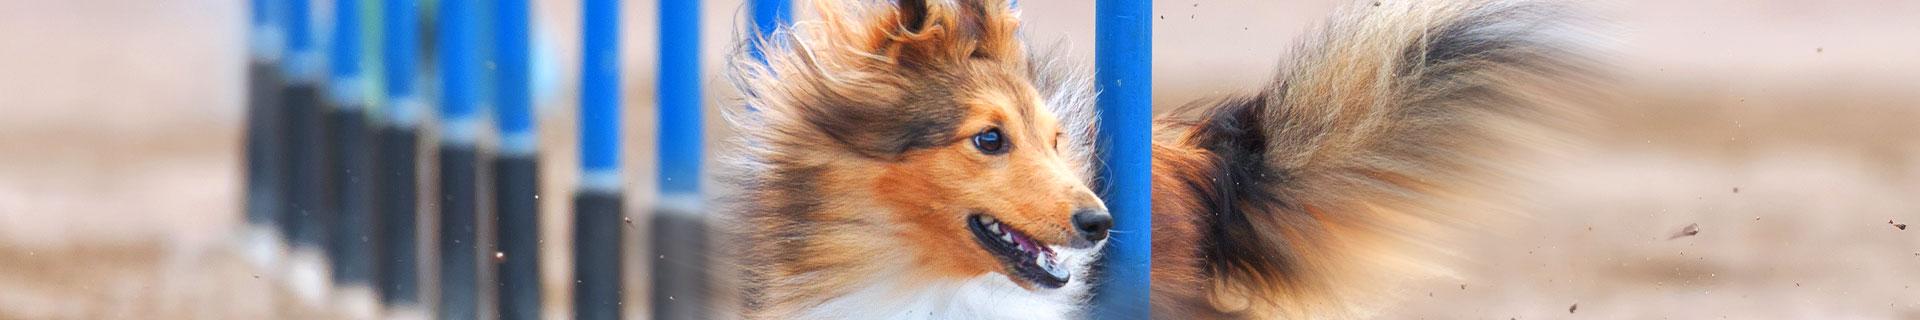 Hundezubehör für Ausbildung und Training